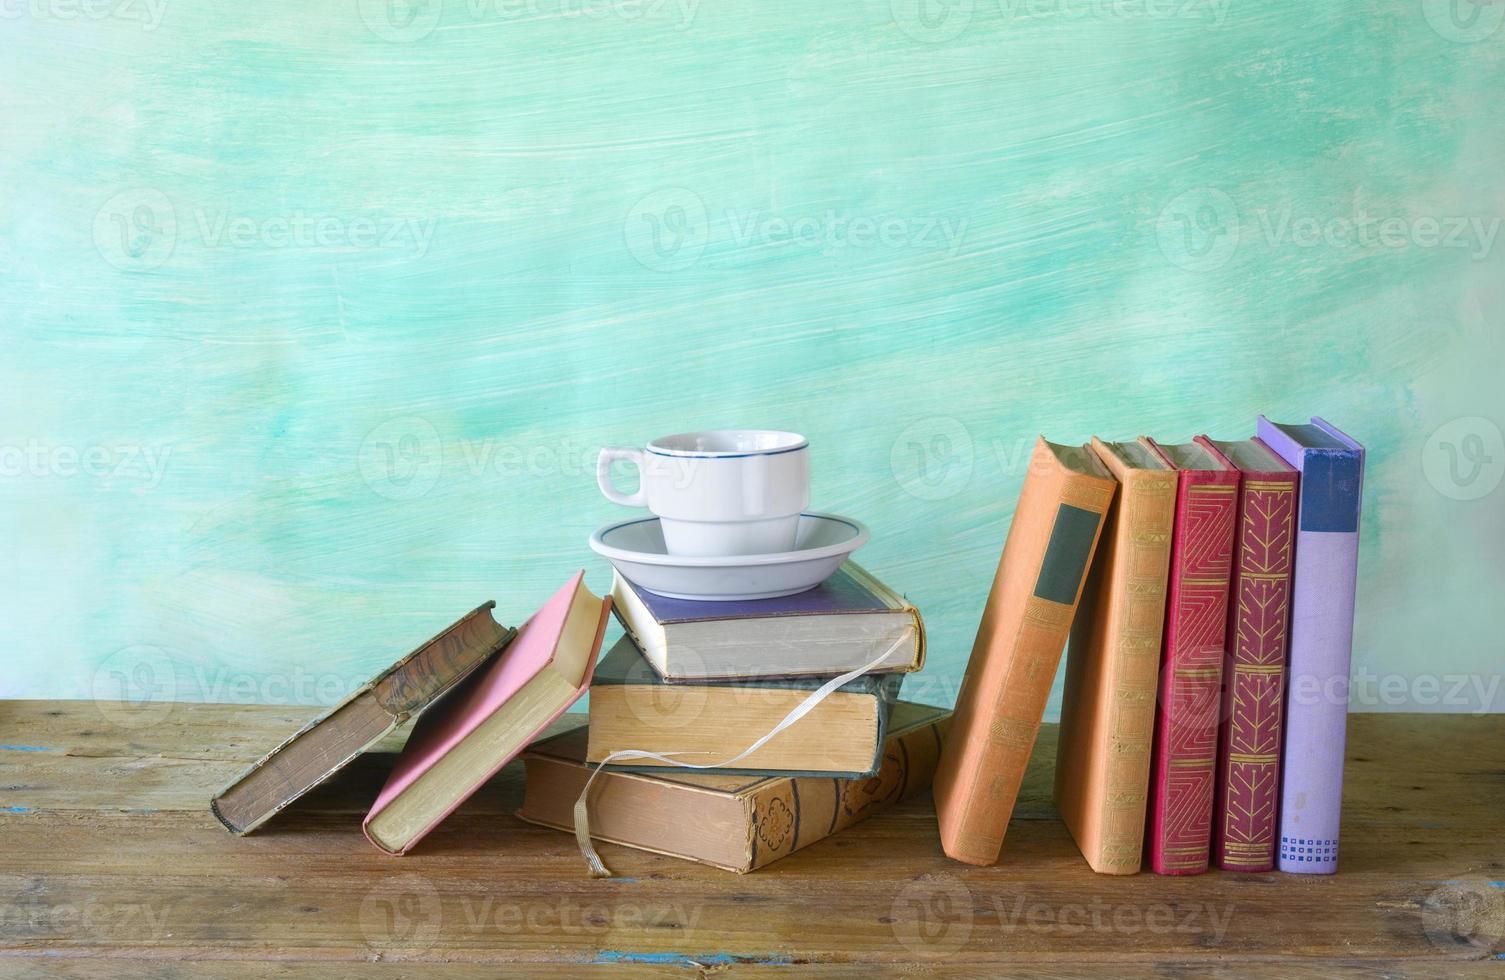 libros con una taza de café, espacio de copia gratis foto